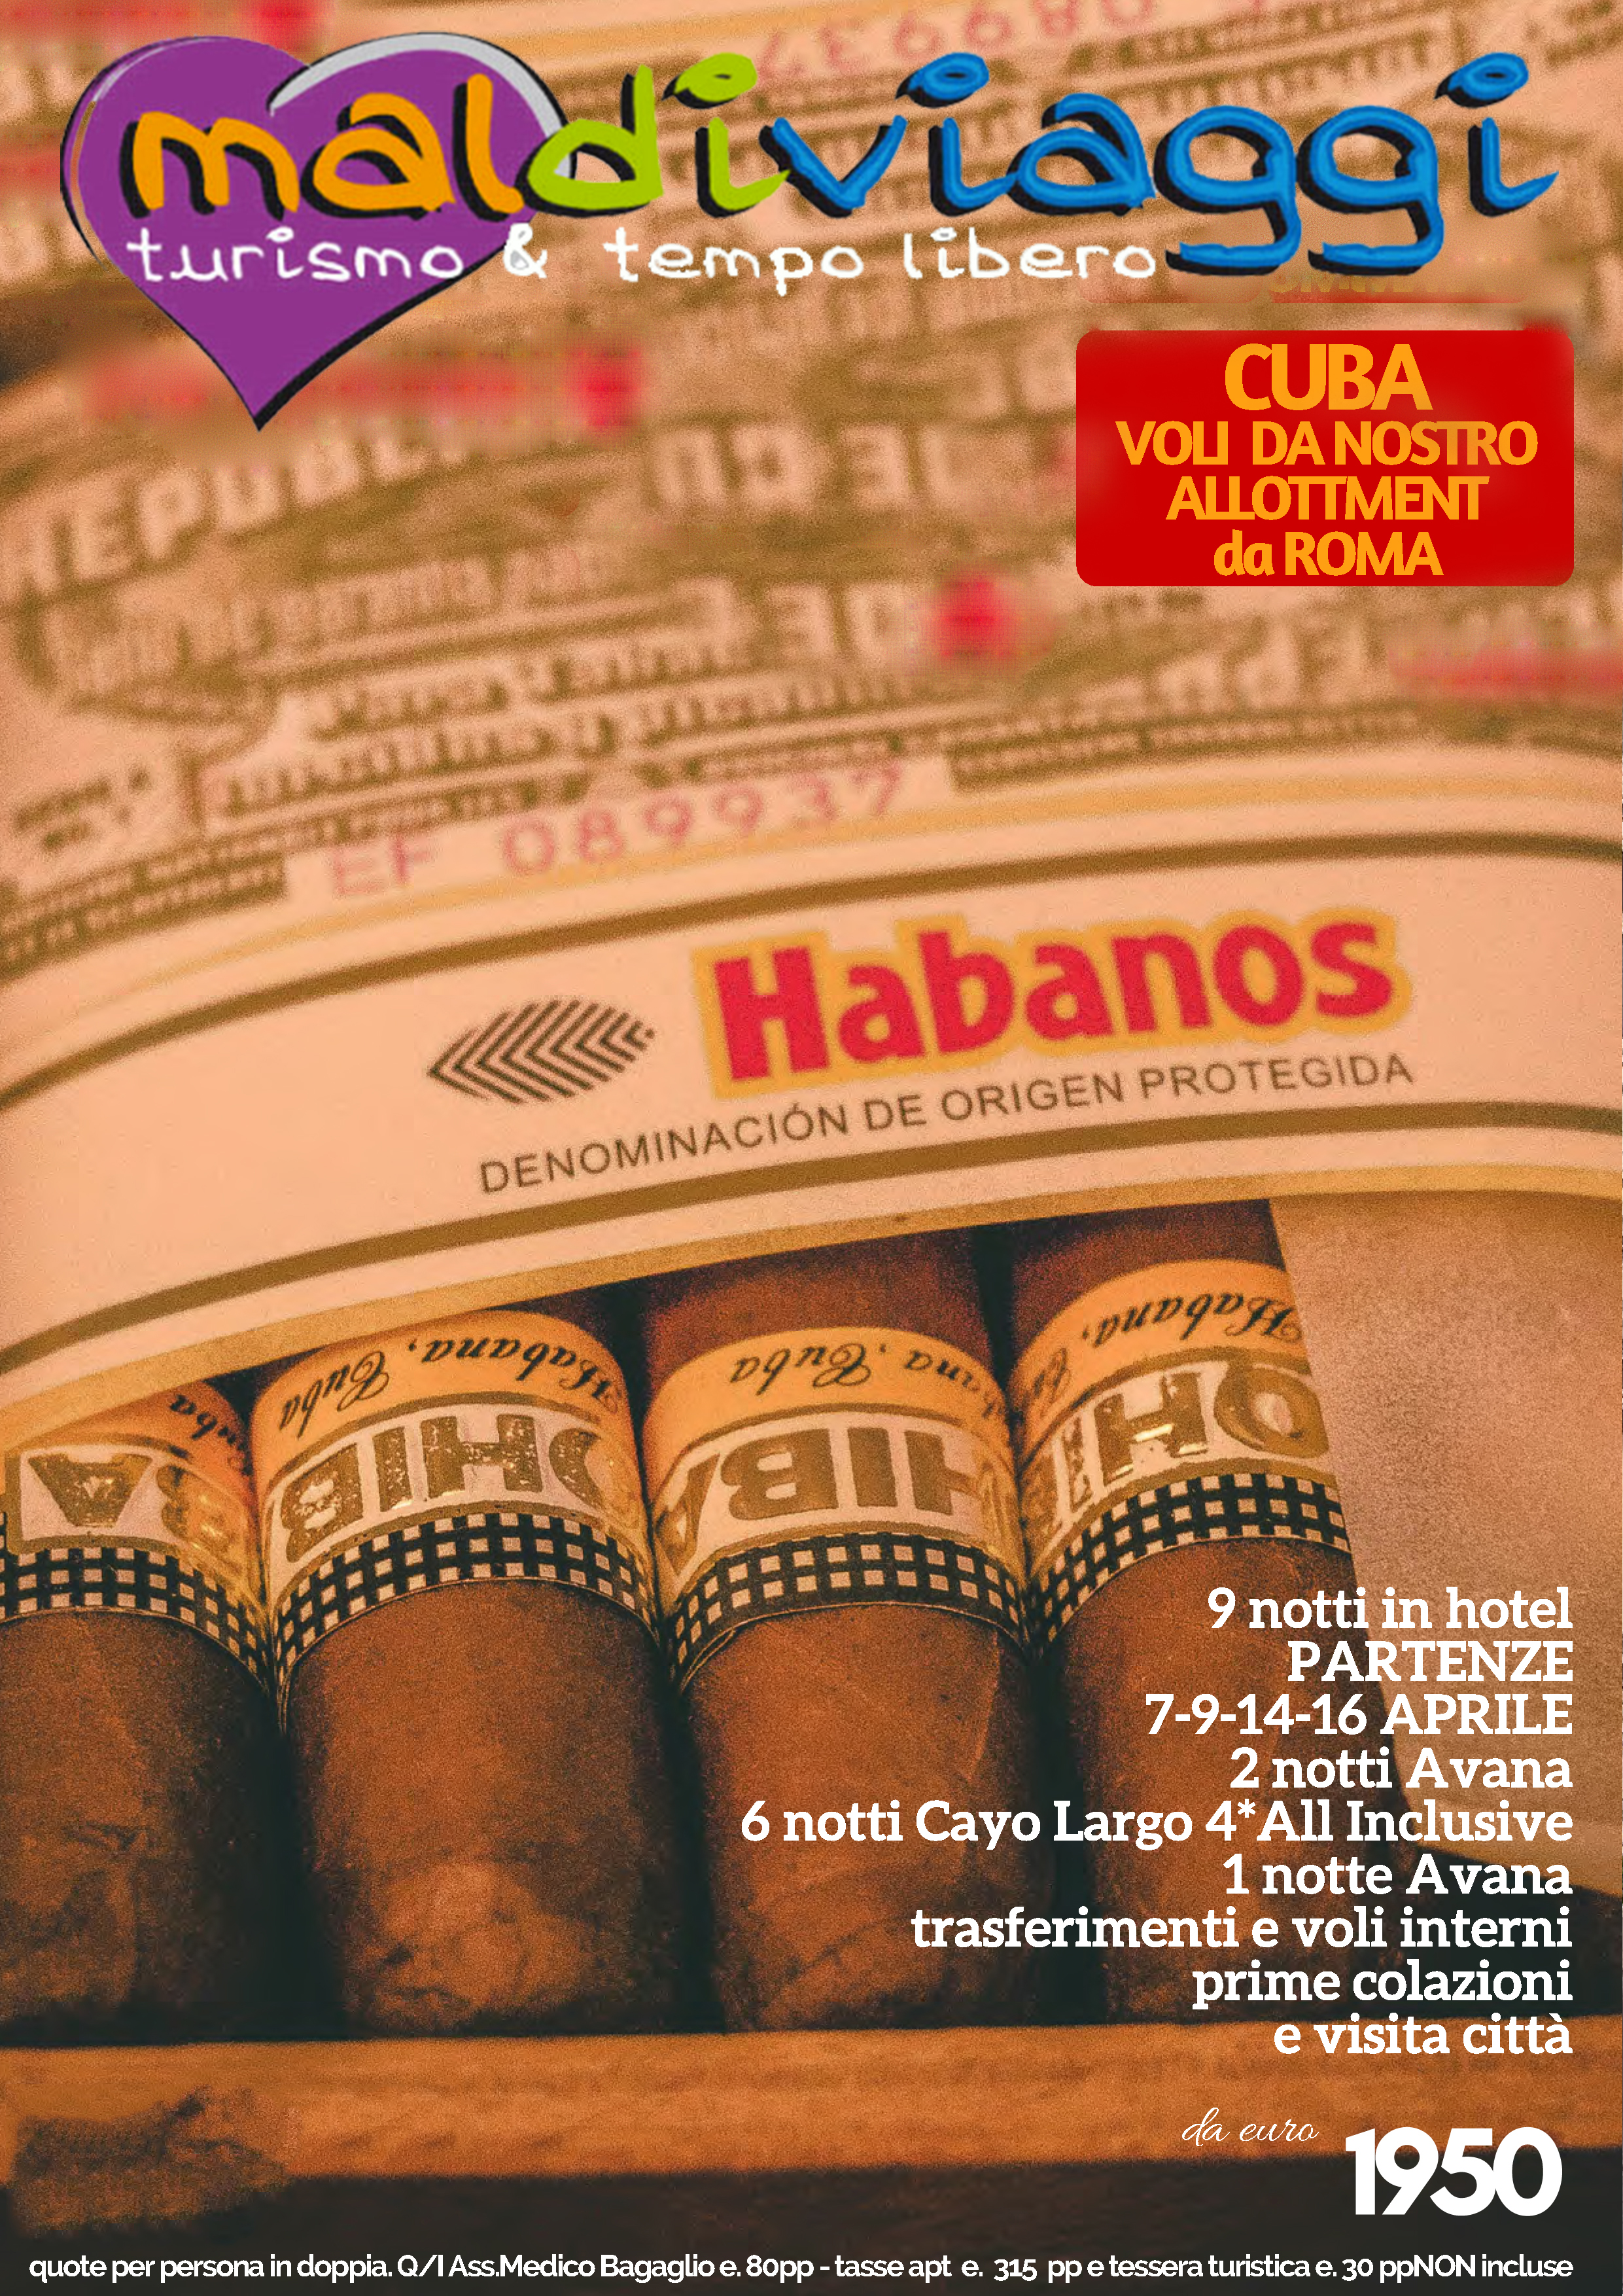 Cuba Time